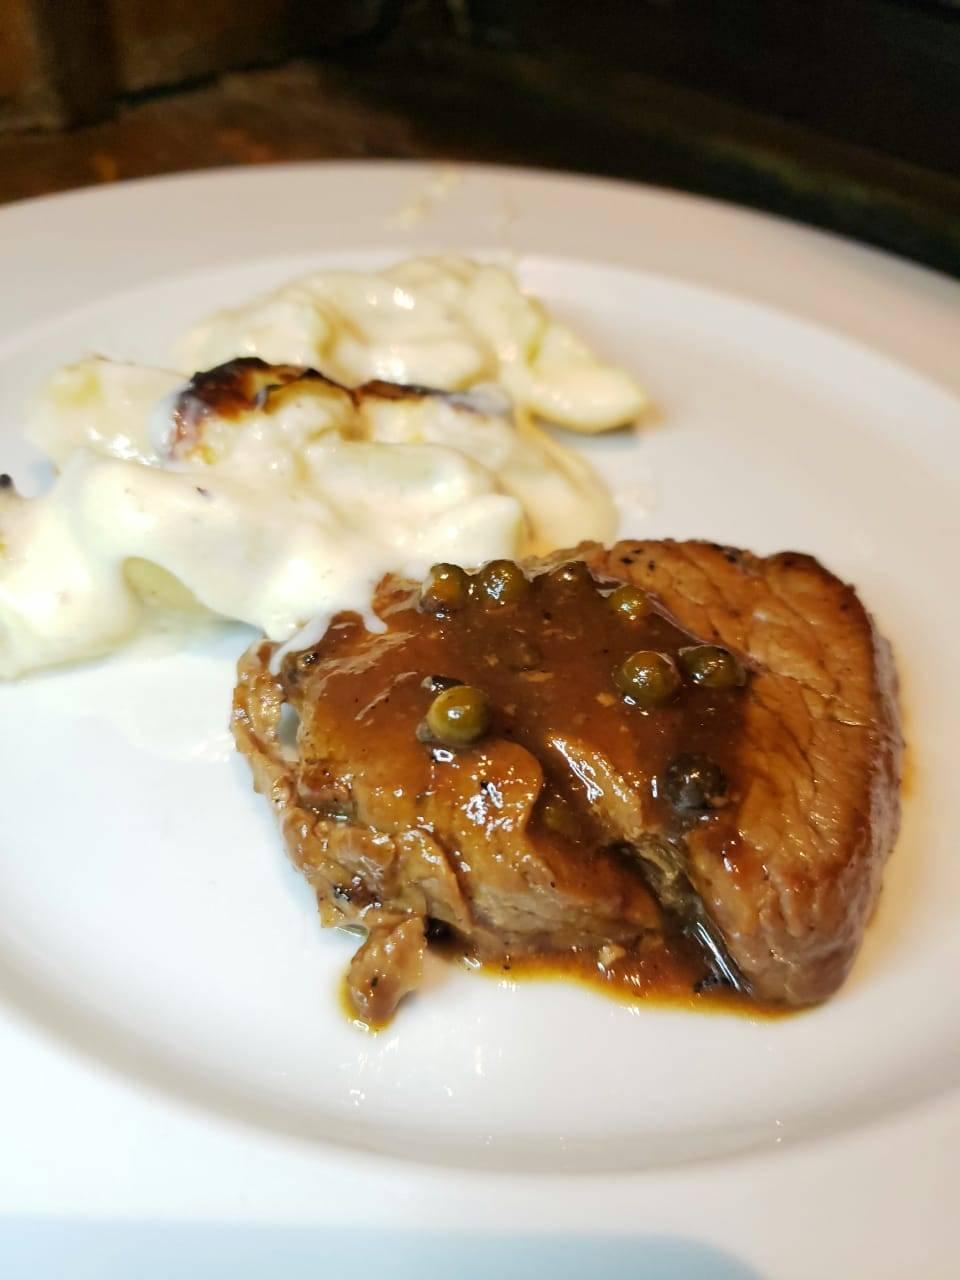 <em>Mignon grelhado no forno a lenha ao molho poivre vert, acompanhado por batatas gratinadas ao queijo Gruyère</em>.